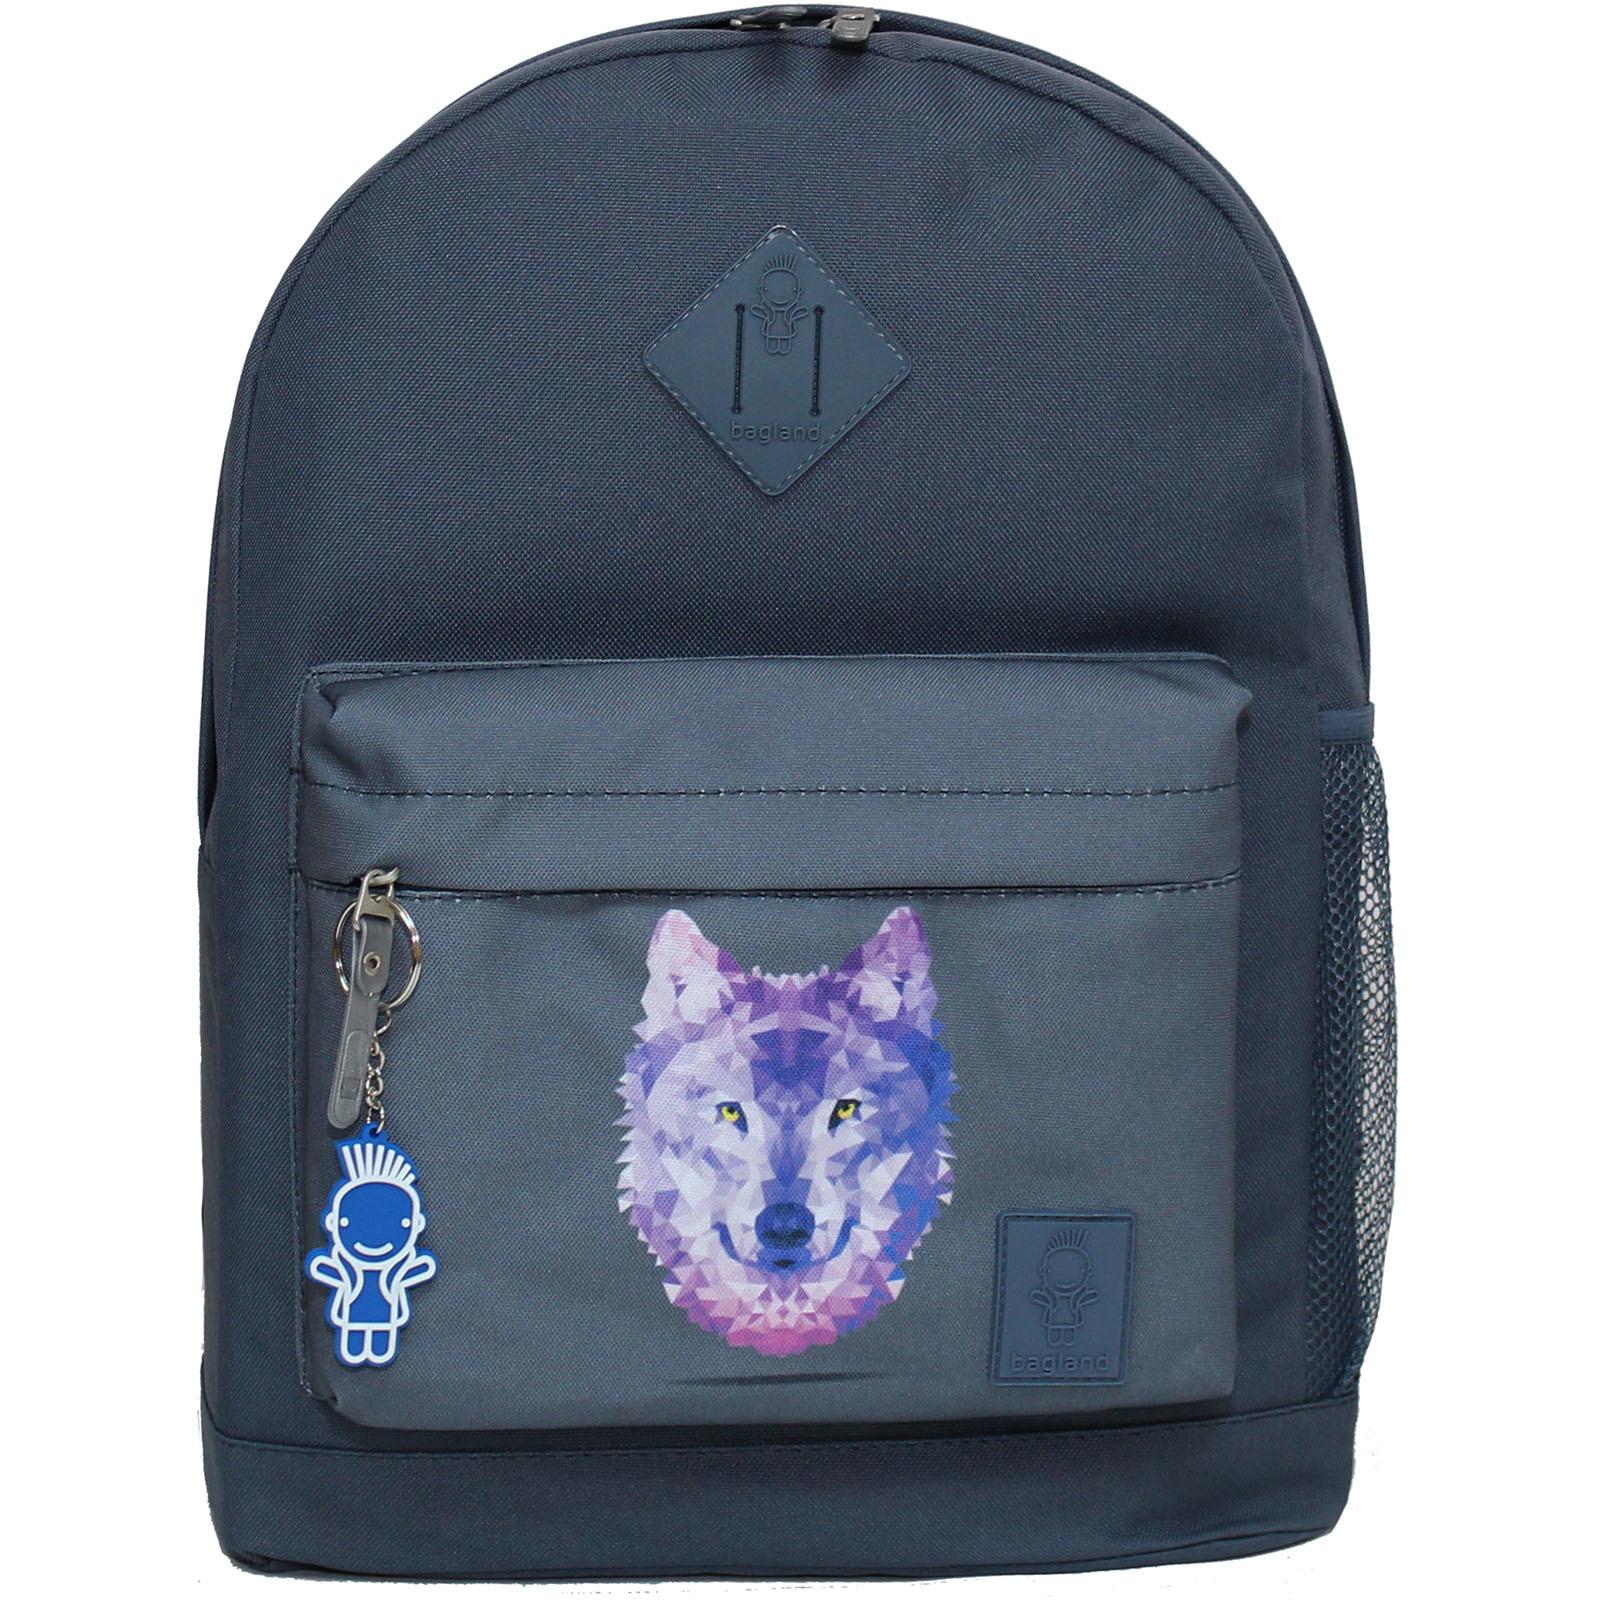 Городские рюкзаки Рюкзак Bagland Молодежный W/R 17 л. серый 158к (00533662) Без_имени-16_158к.jpg